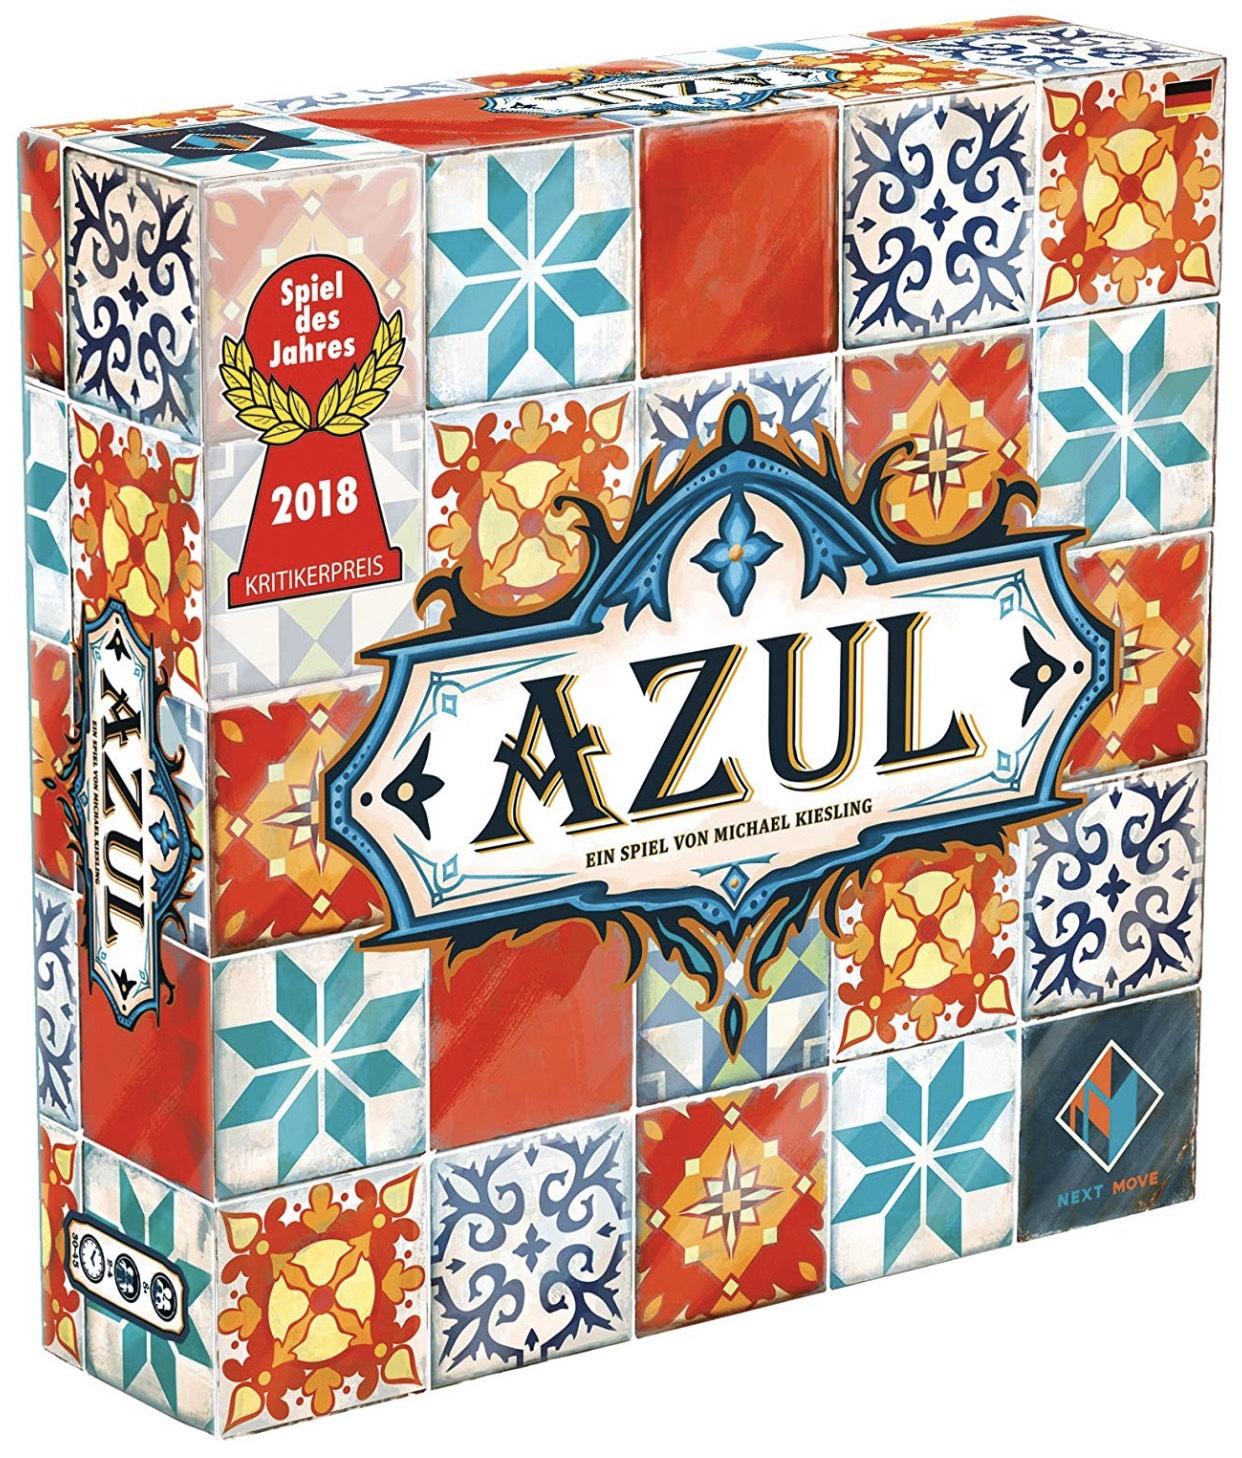 Azul Brettspiel (Spiel des Jahres 2018)